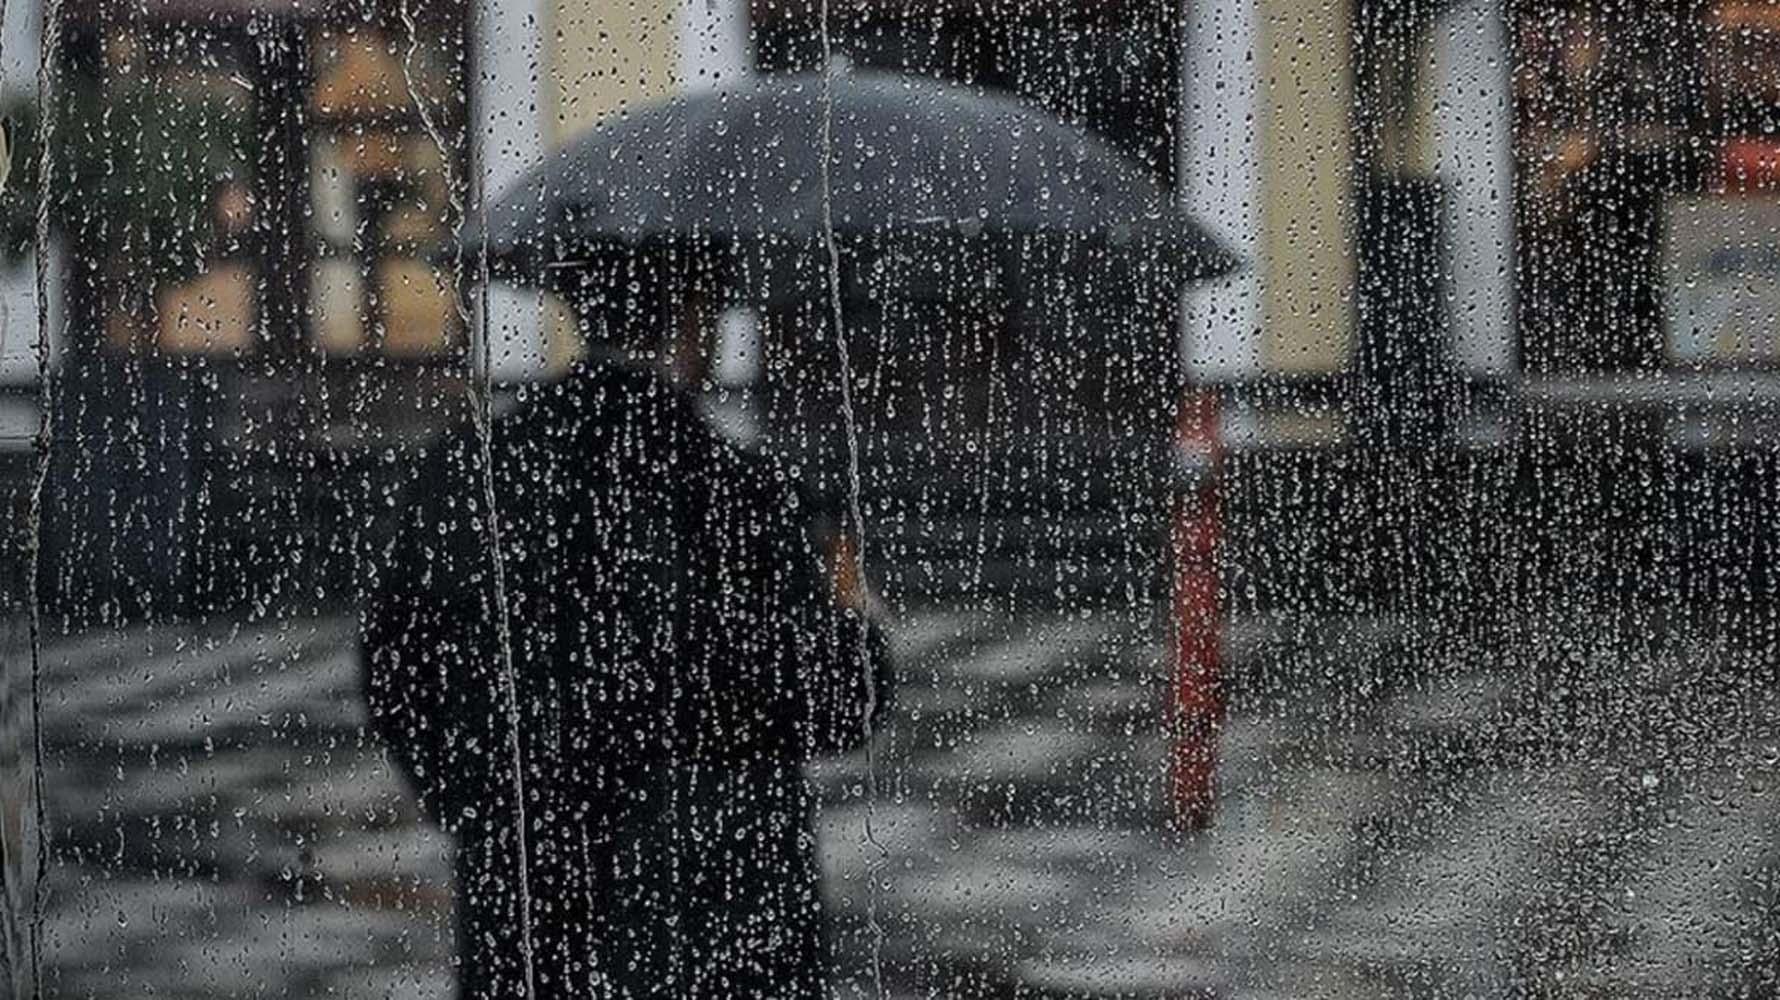 İstanbul ve çevresi için alarm! Meteoroloji'den kritik uyarı geldi